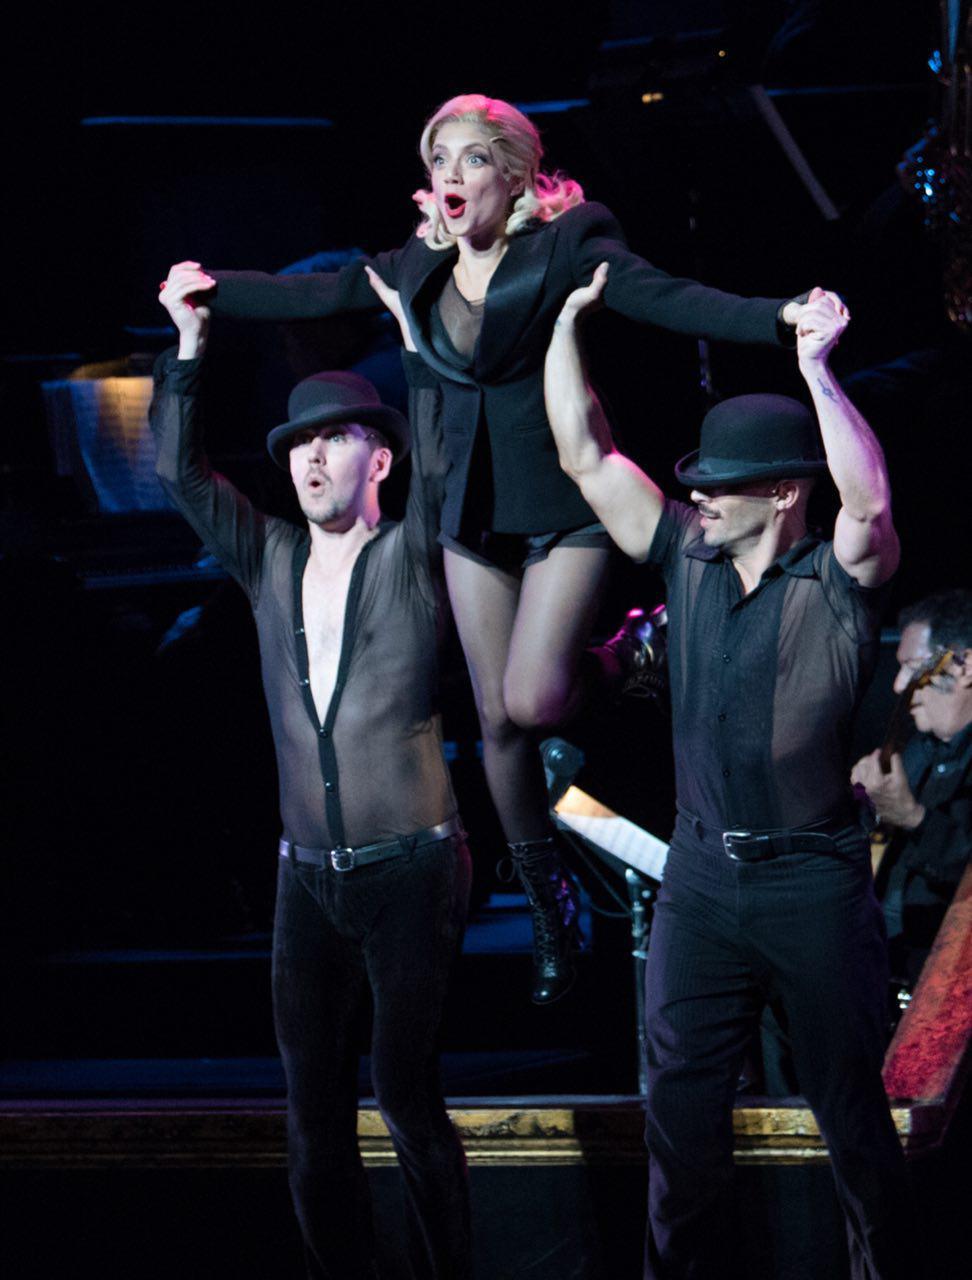 שירי מימון בברודוויי שיקגו (צילום: אלקסי רוזנפלד)